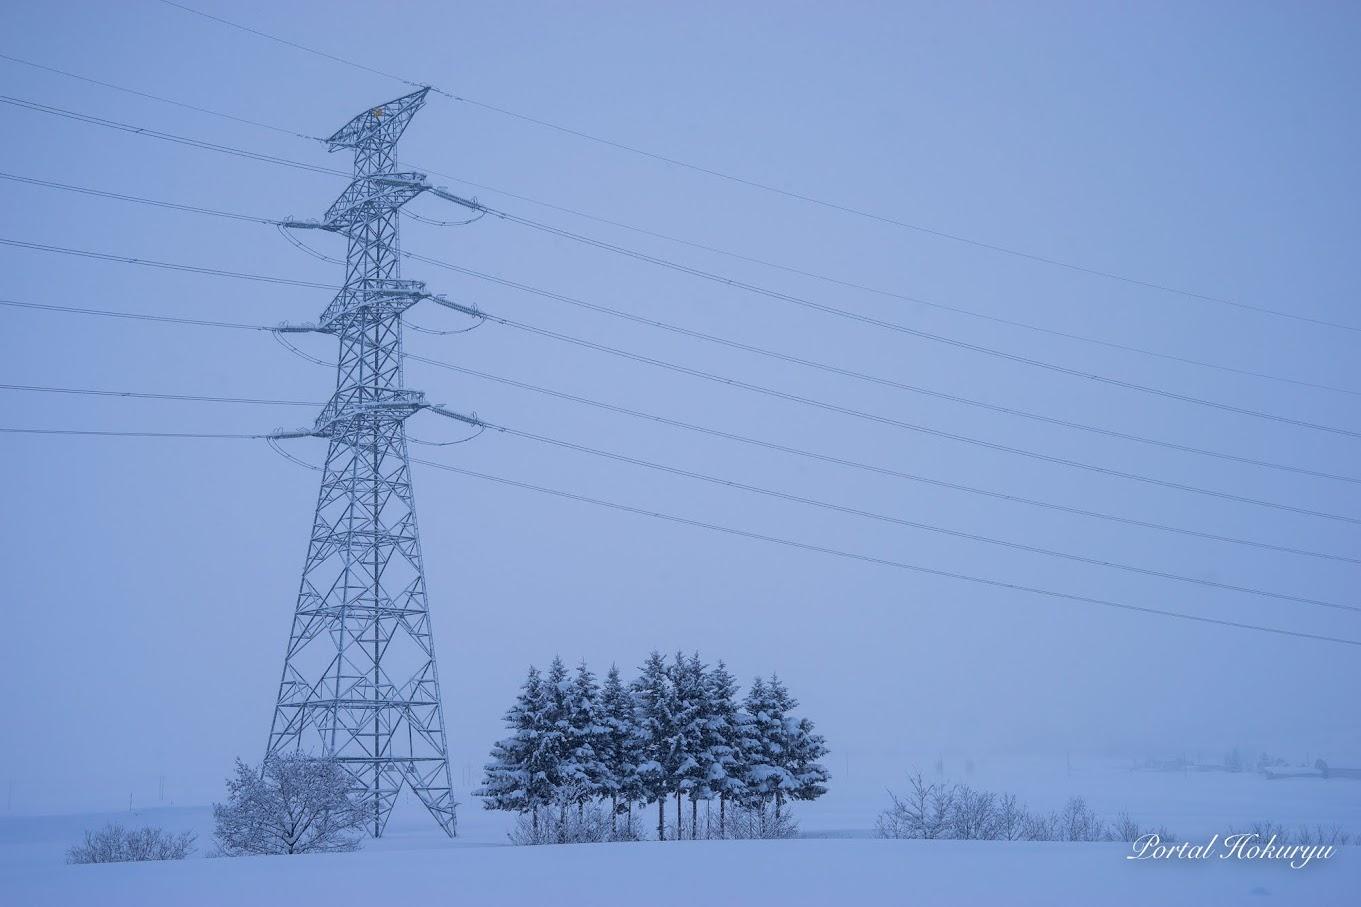 鉄塔と11本の木